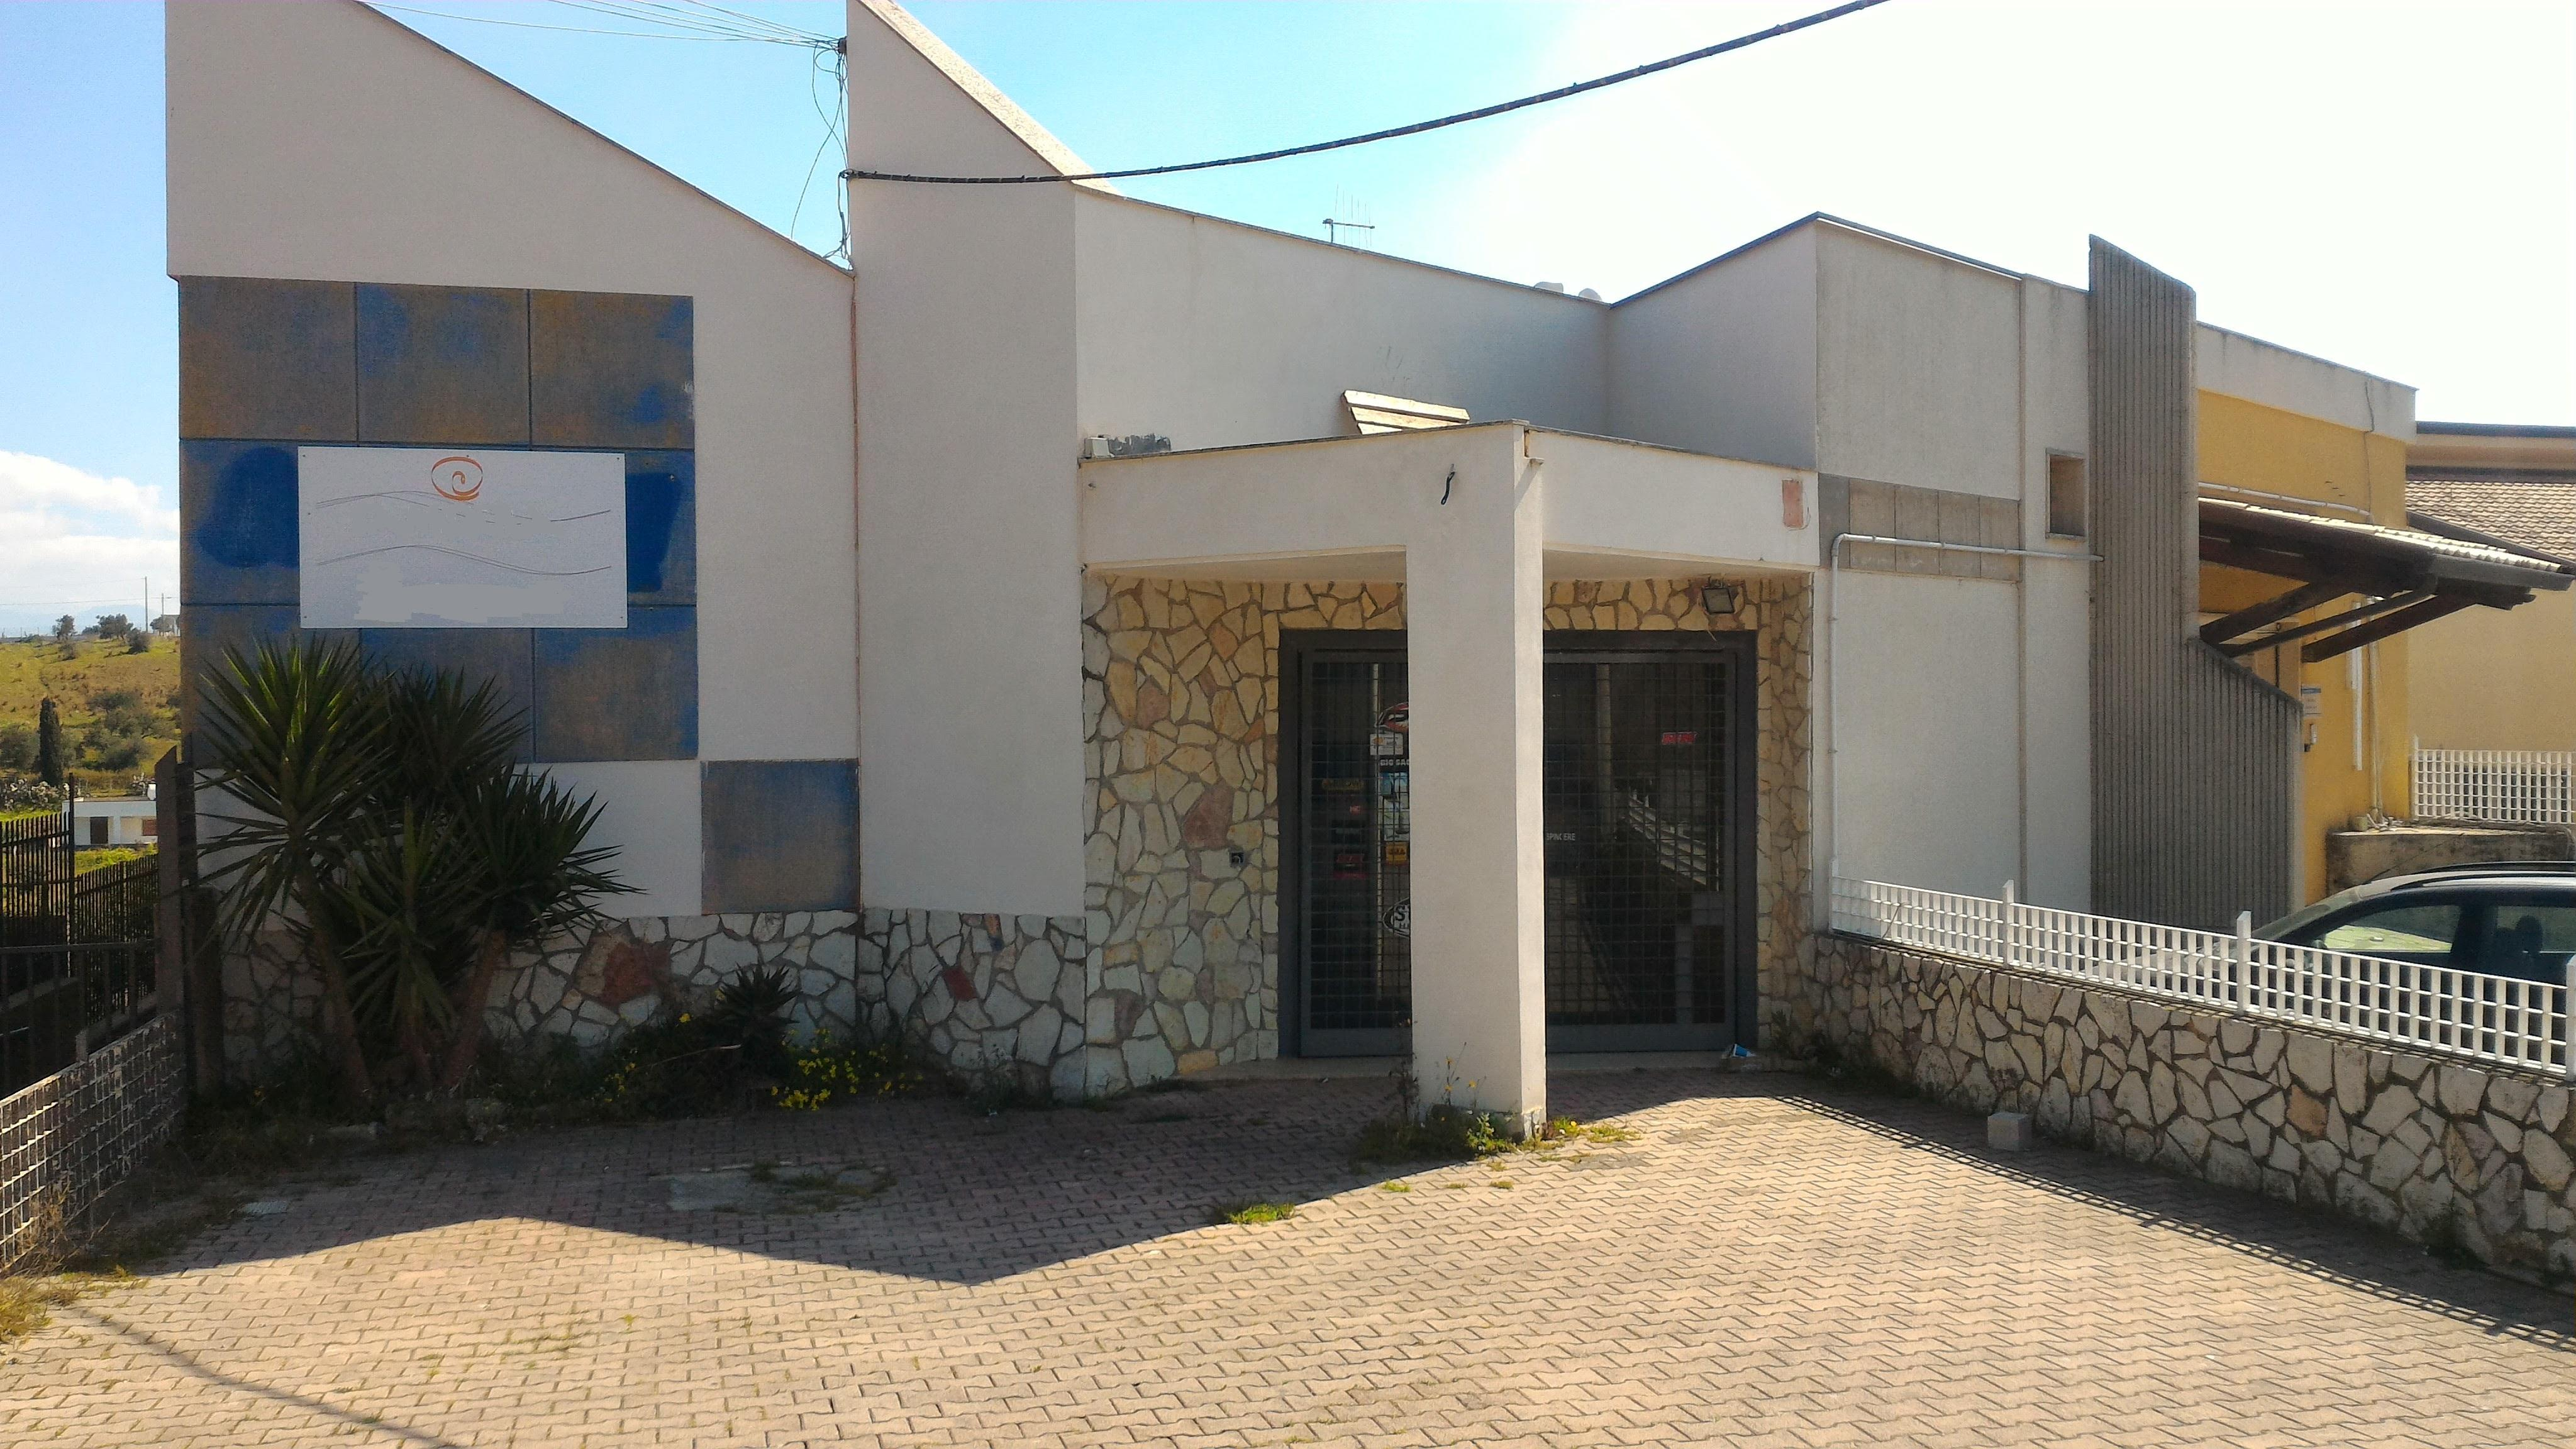 Attività / Licenza in affitto a Alcamo, 5 locali, prezzo € 1.083 | CambioCasa.it